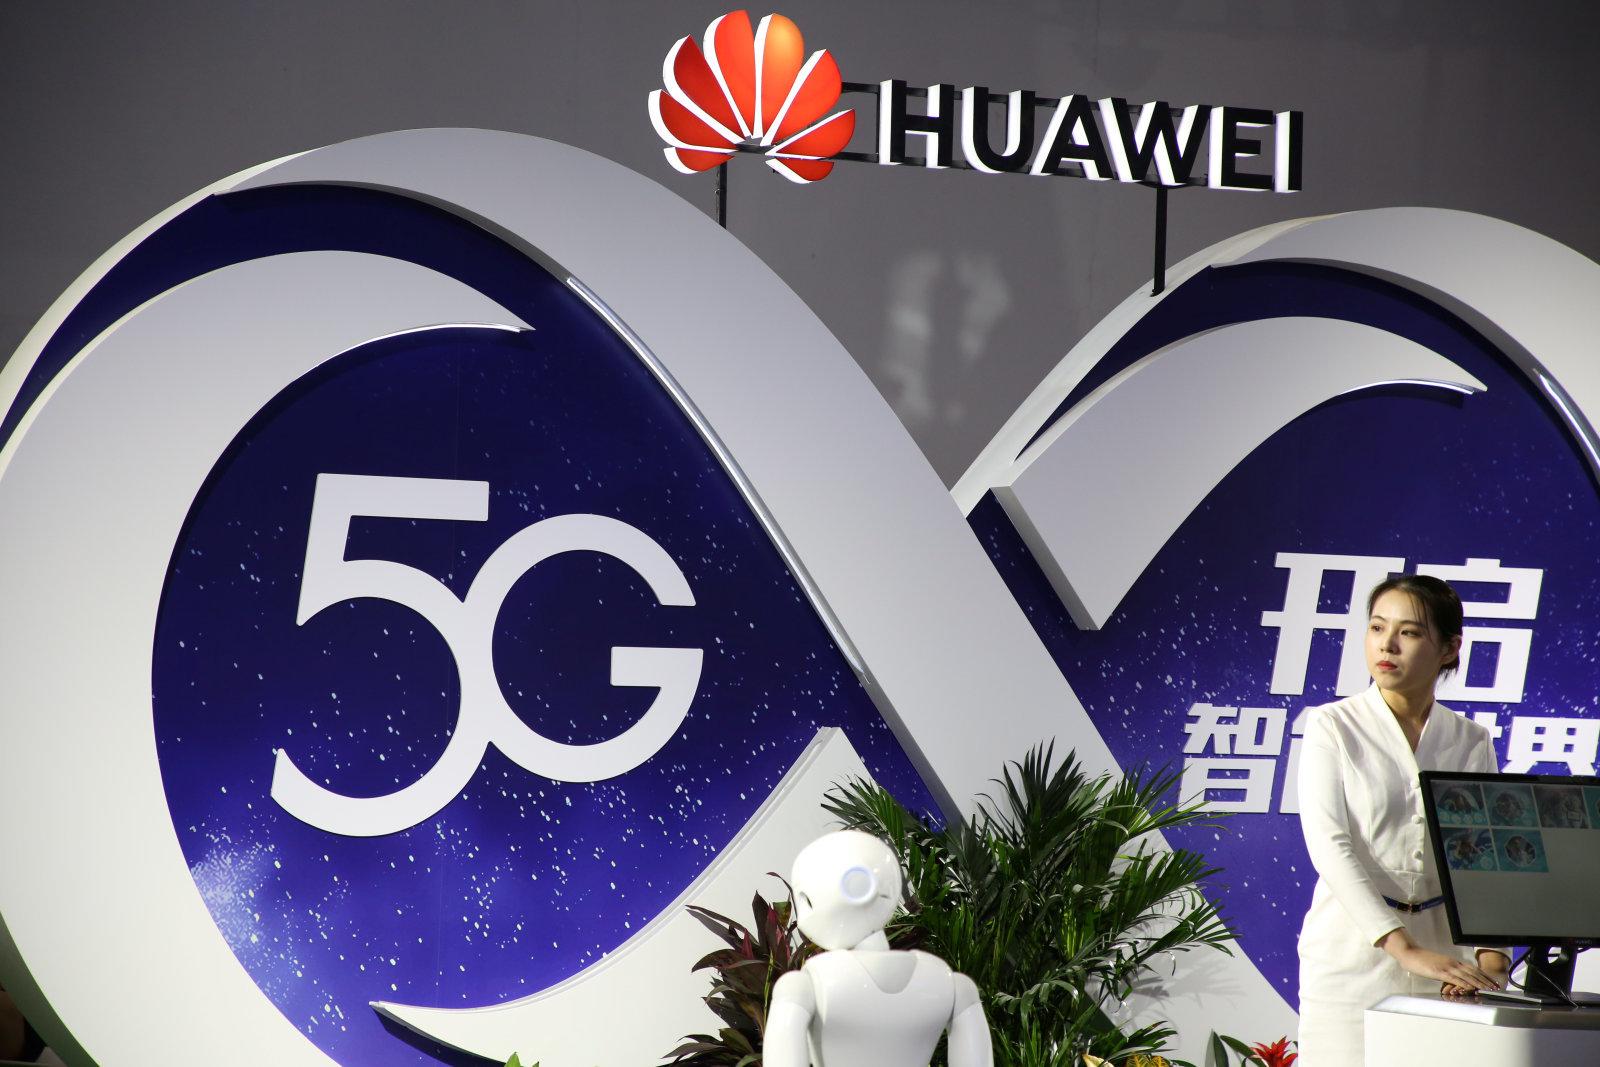 Trgovinska vojna proti gradnji 5G: telekomunikacijski gigant Huawei kljubuje ZDA